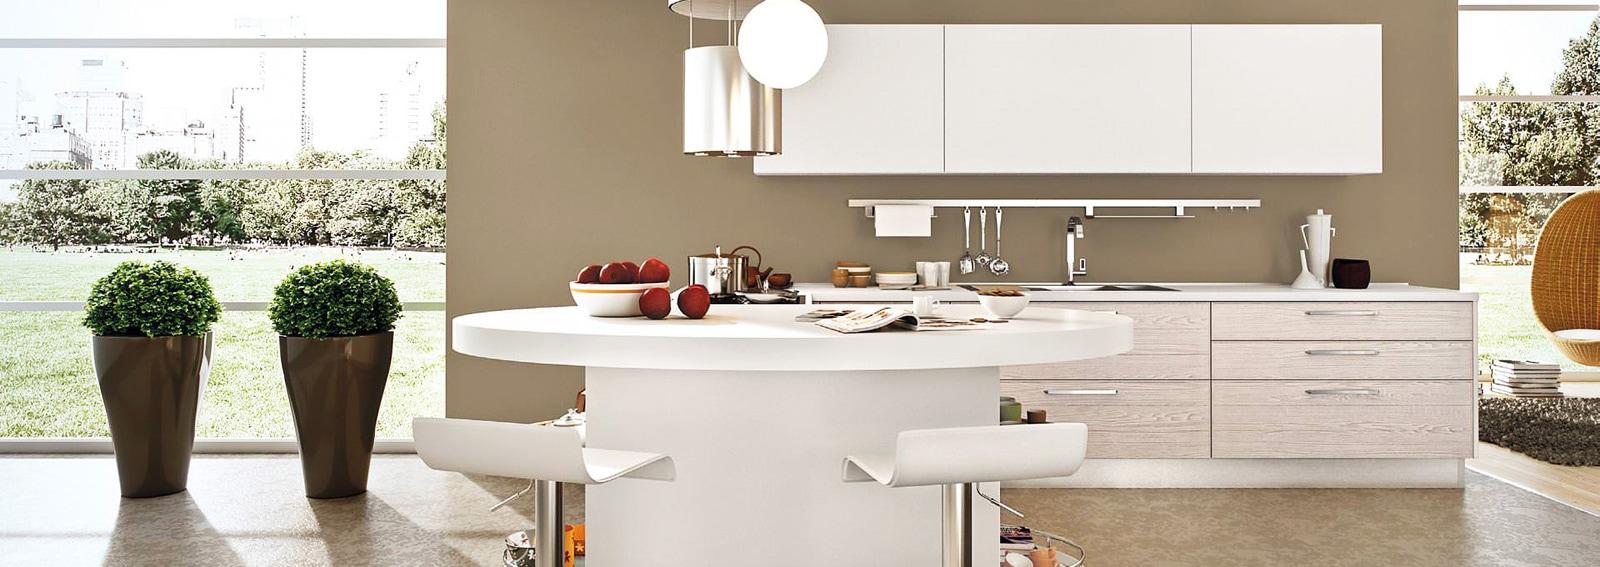 Opinioni Snaidero. Top Best Cucine Snaidero Opinioni Design And ...